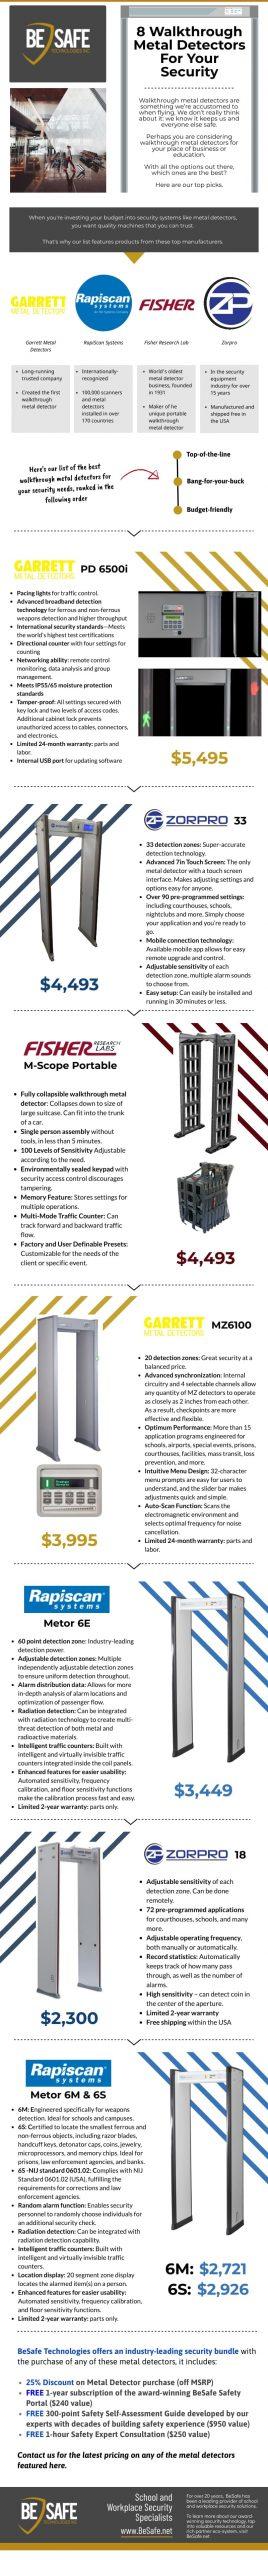 best metal detectors for businesses schools